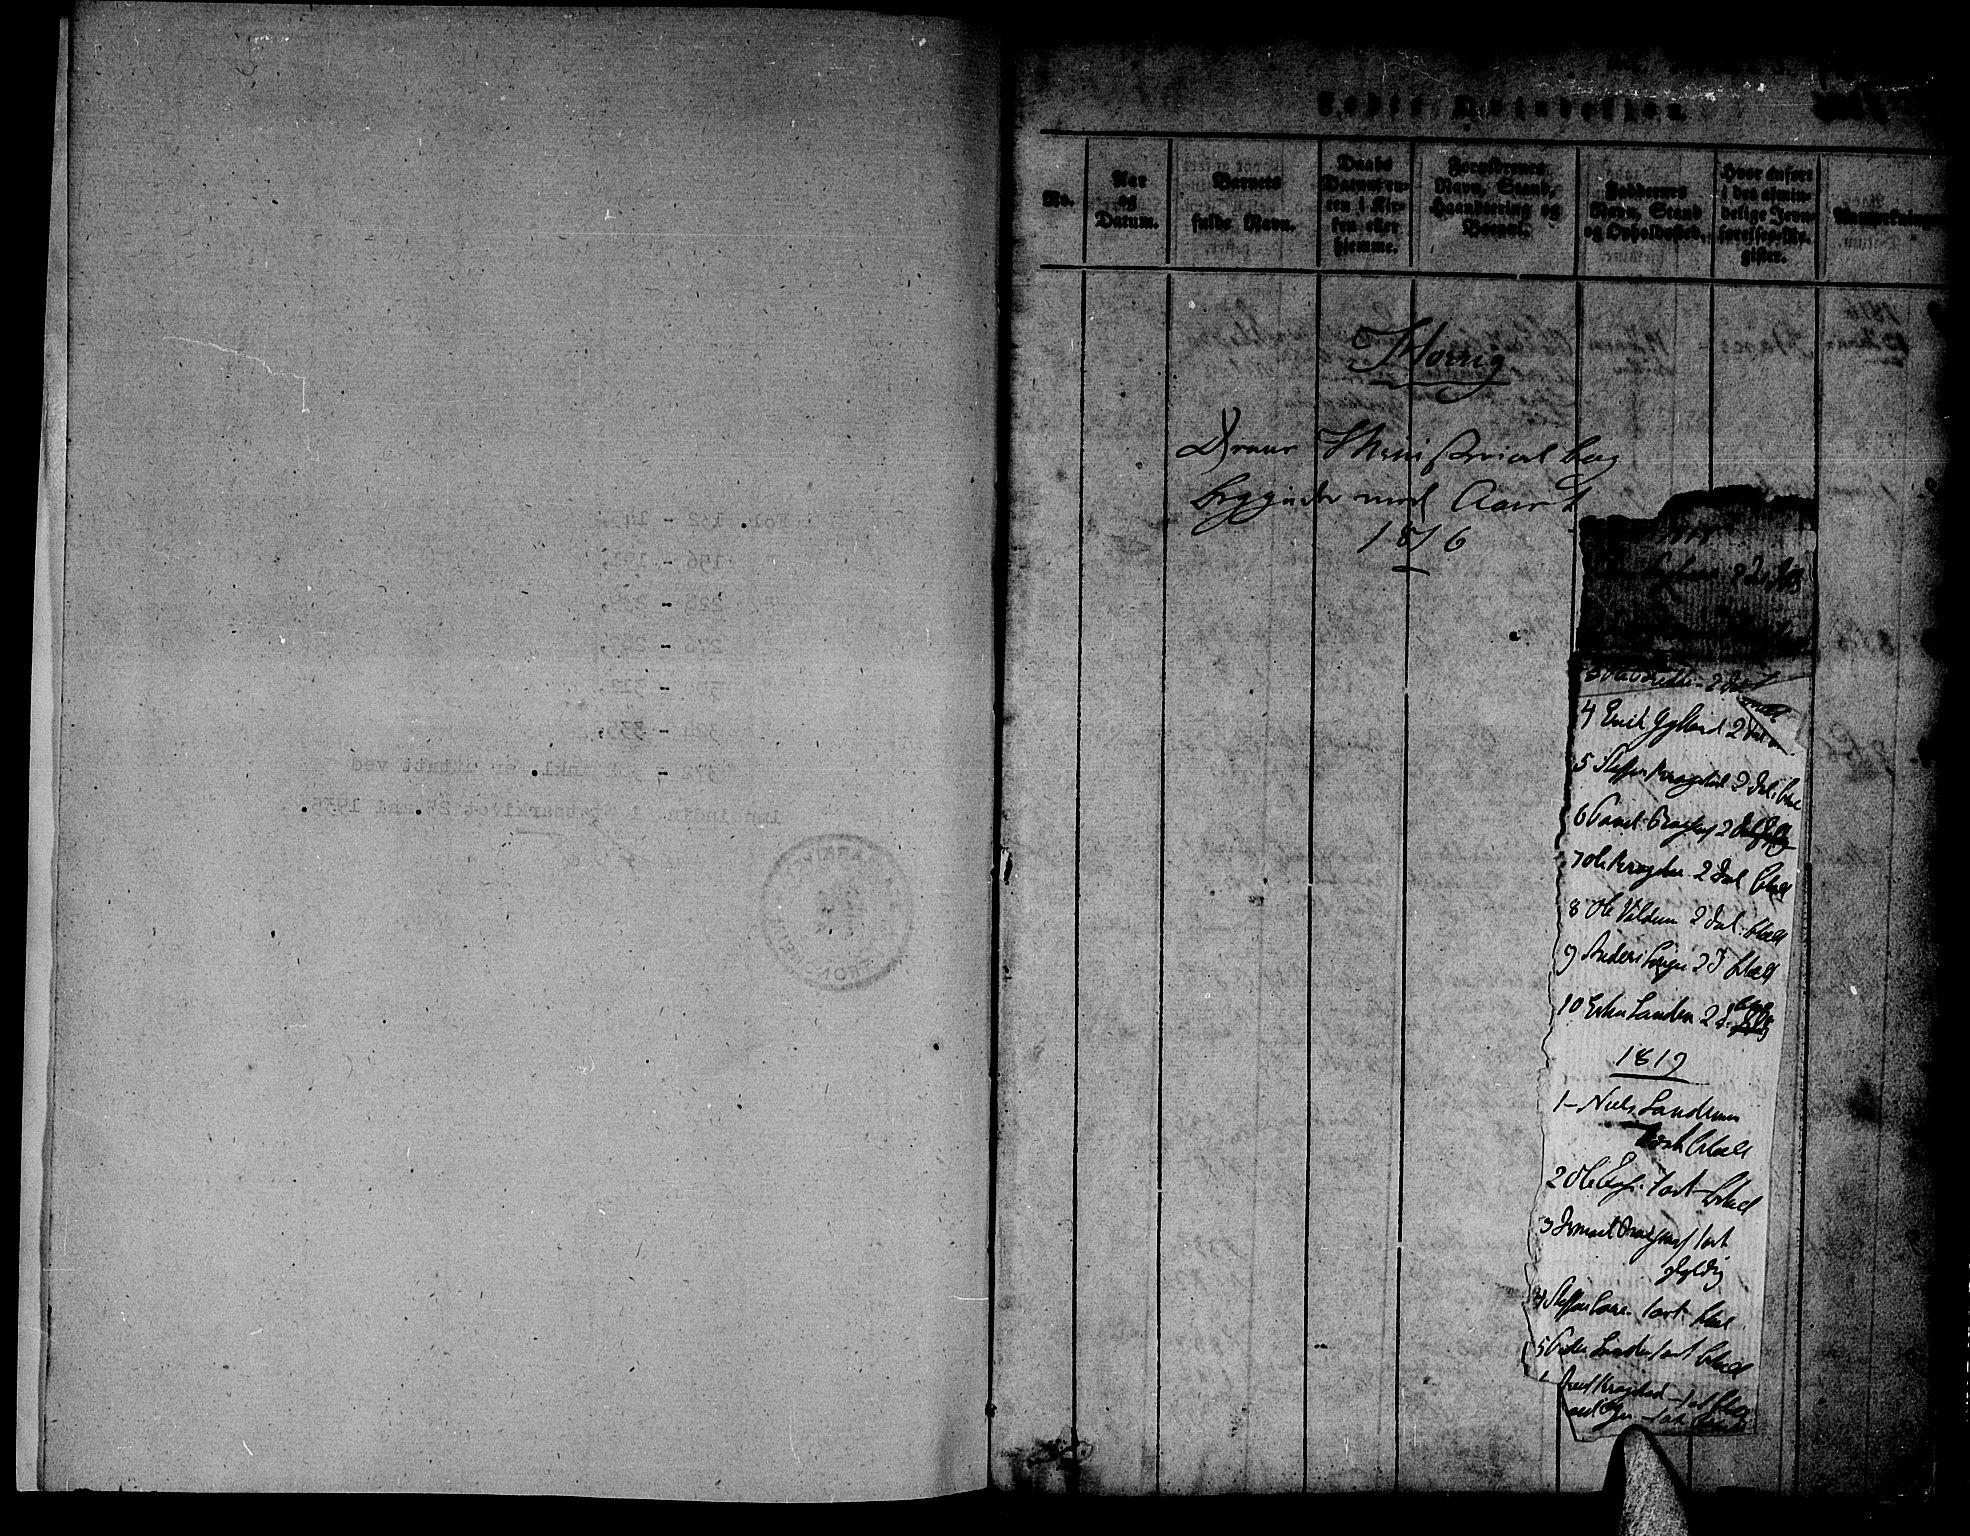 SAT, Ministerialprotokoller, klokkerbøker og fødselsregistre - Sør-Trøndelag, 692/L1102: Ministerialbok nr. 692A02, 1816-1842, s. 1